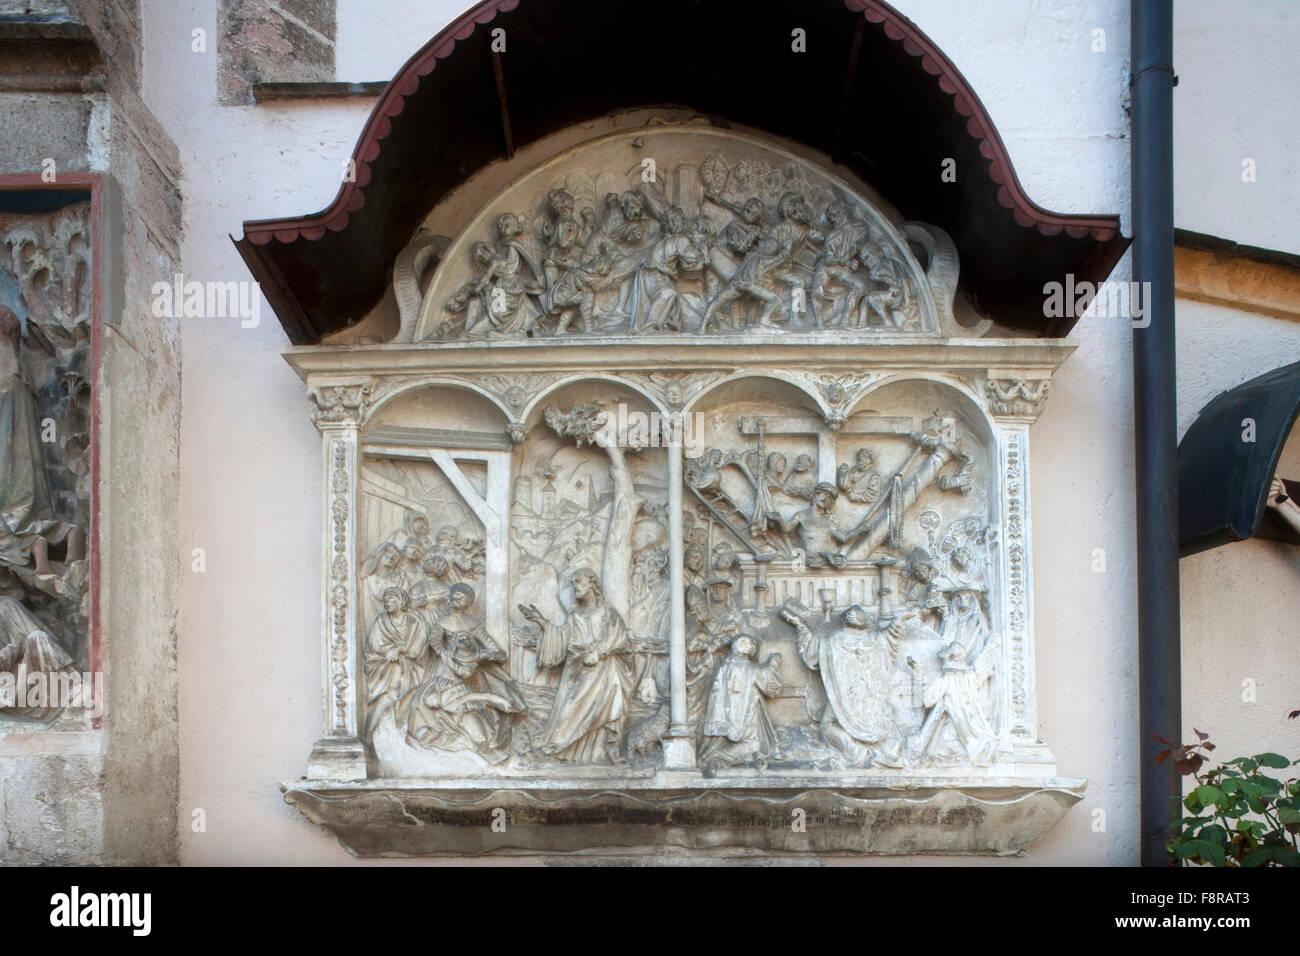 Österreich, Niederösterreich, Waidhofen an der Ybbs, Steinrelief an der Stadtpfarrkirche Stock Photo